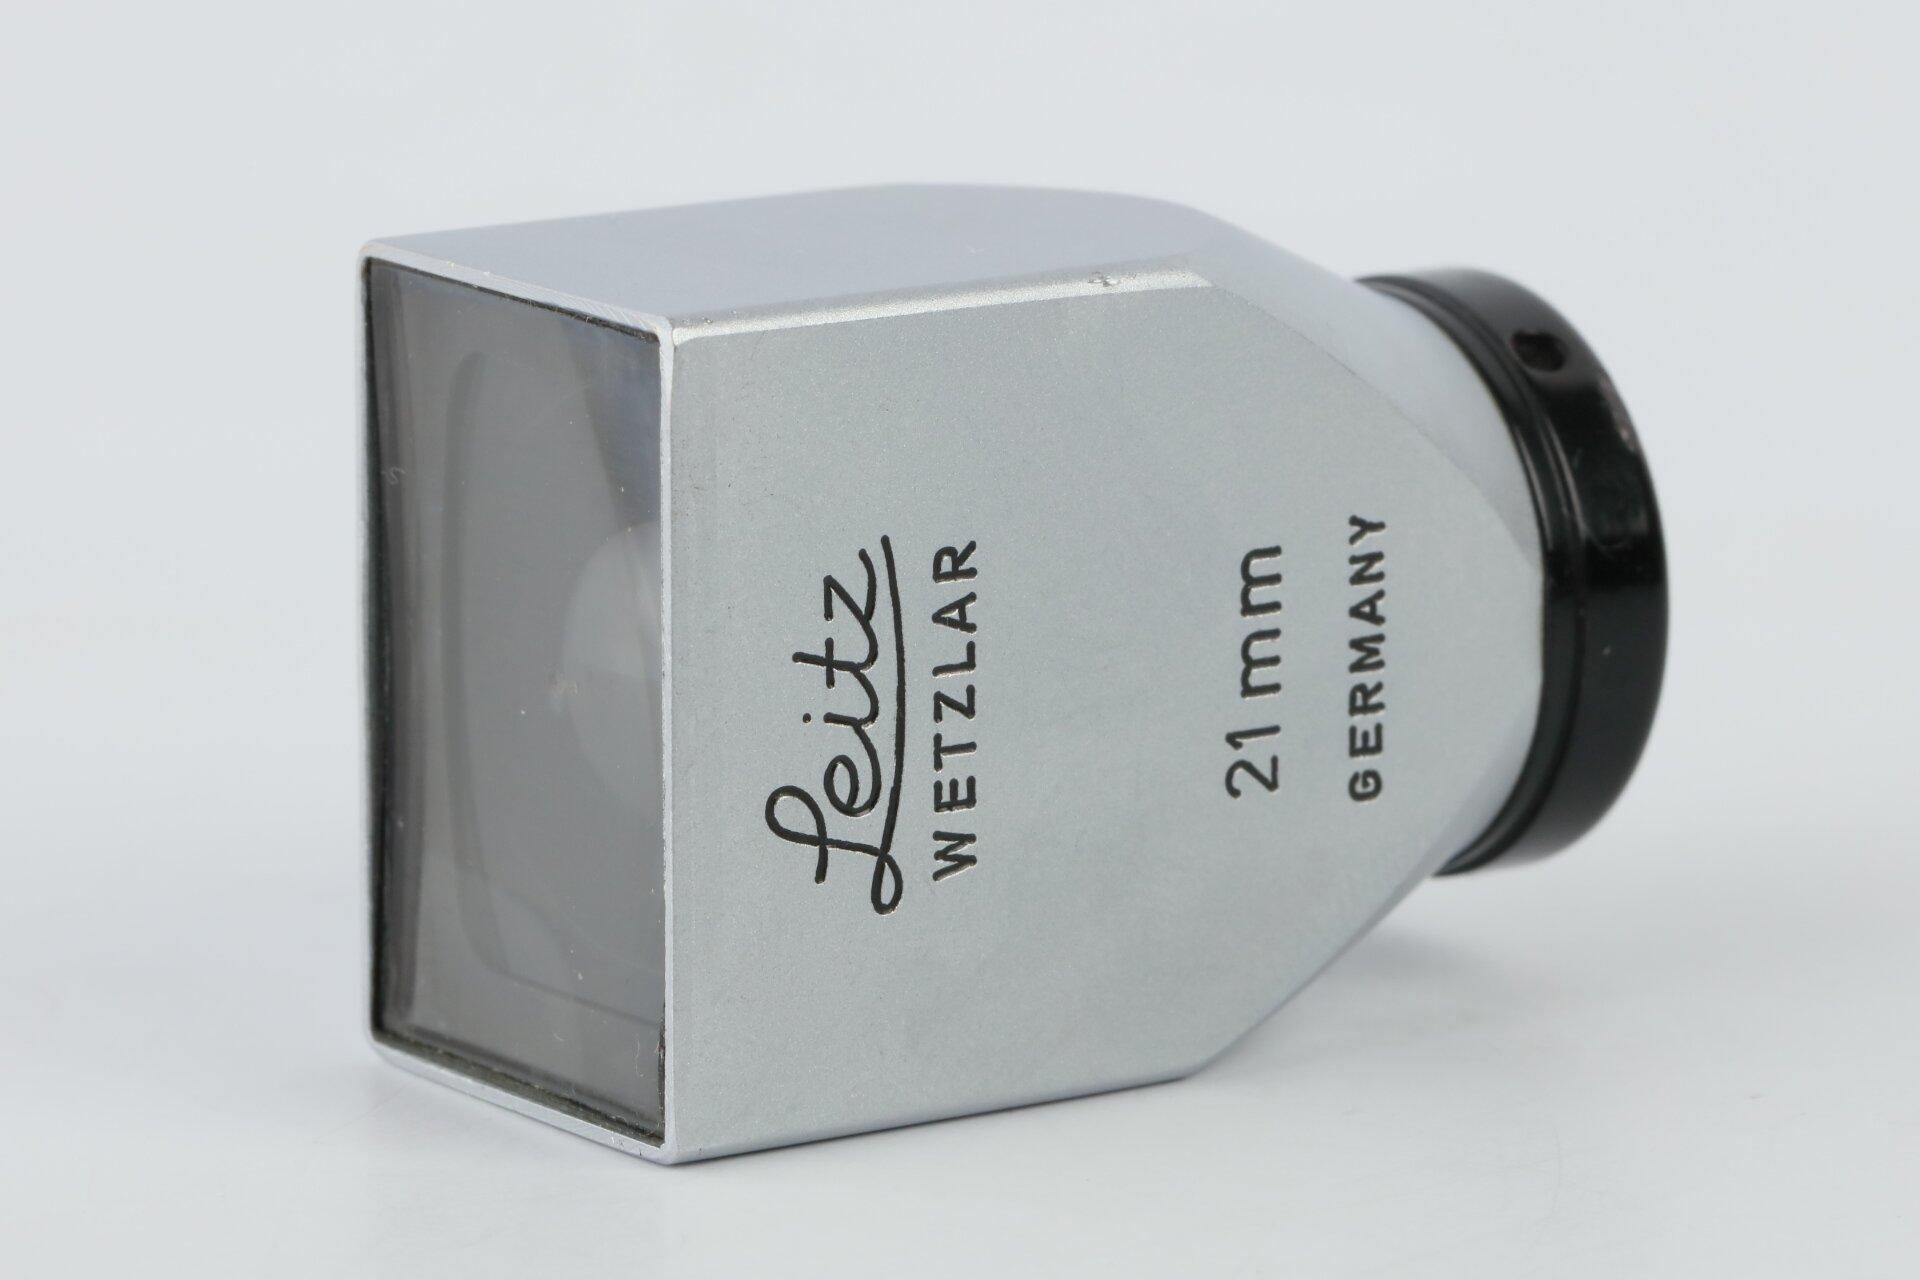 Leica Sucher 21mm SBKOO 12012